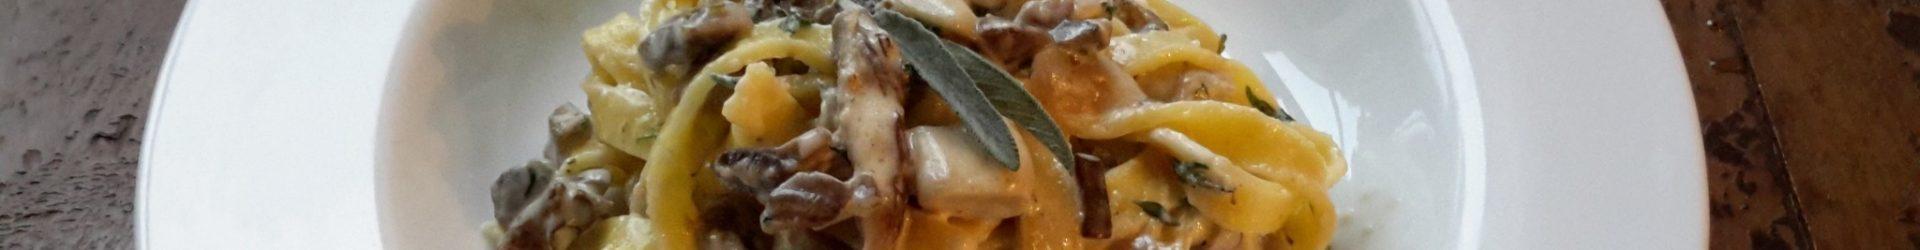 Tagliatelle met paddenstoelenroomsaus (tagliatelle panna e funghi)